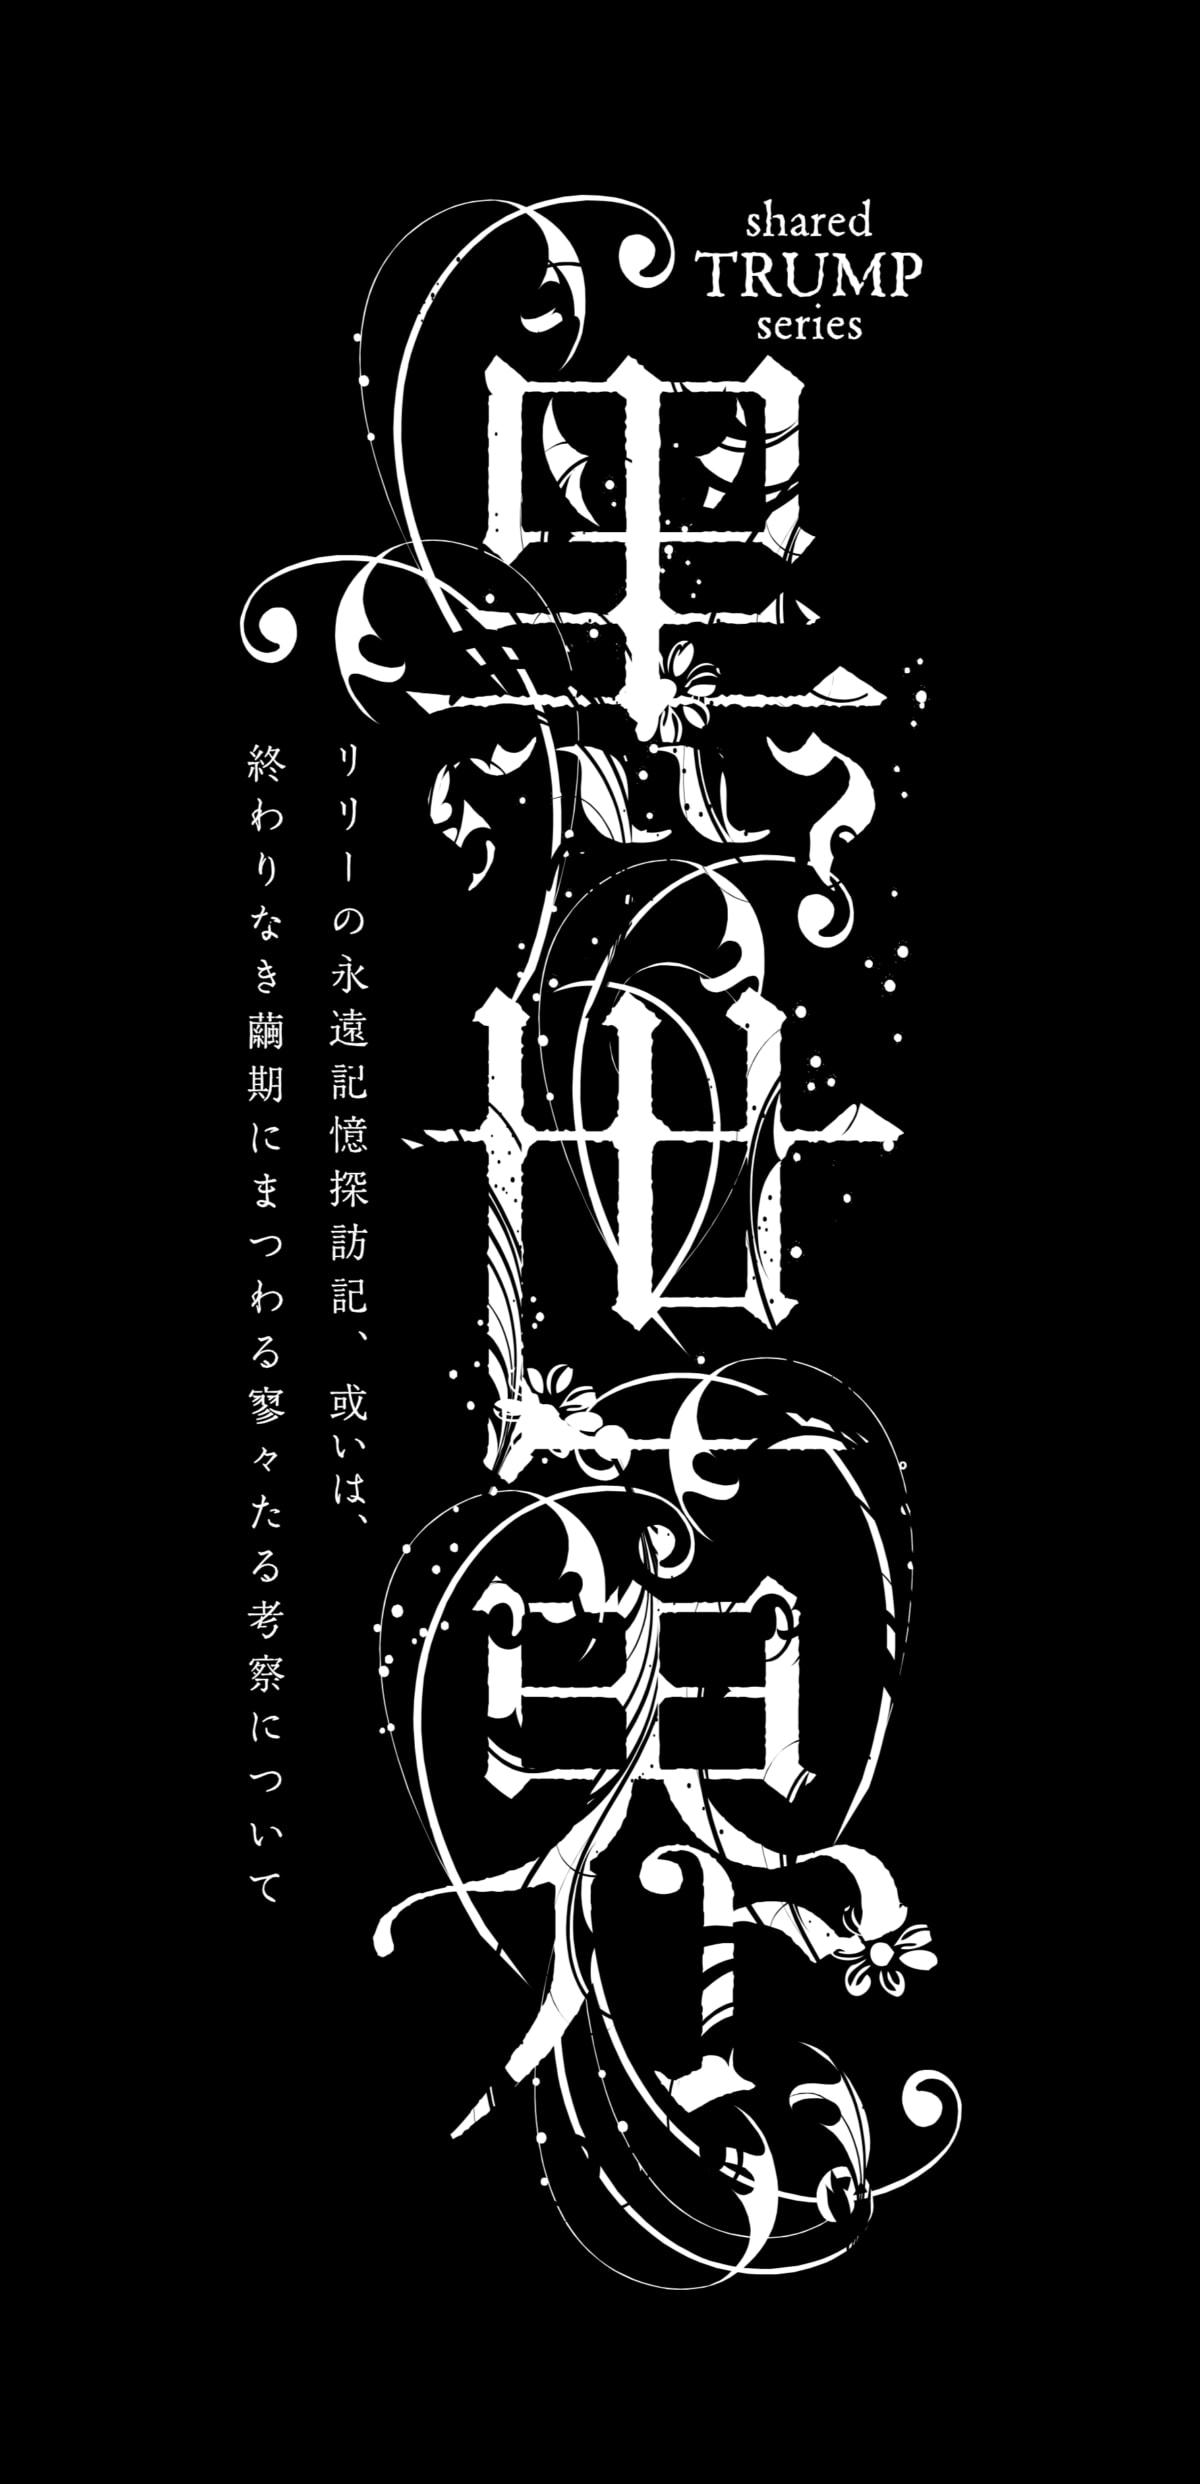 音楽朗読劇『黑世界 ~リリーの永遠記憶探訪記、或いは、終わりなき繭期にまつわる寥々たる考察について~』